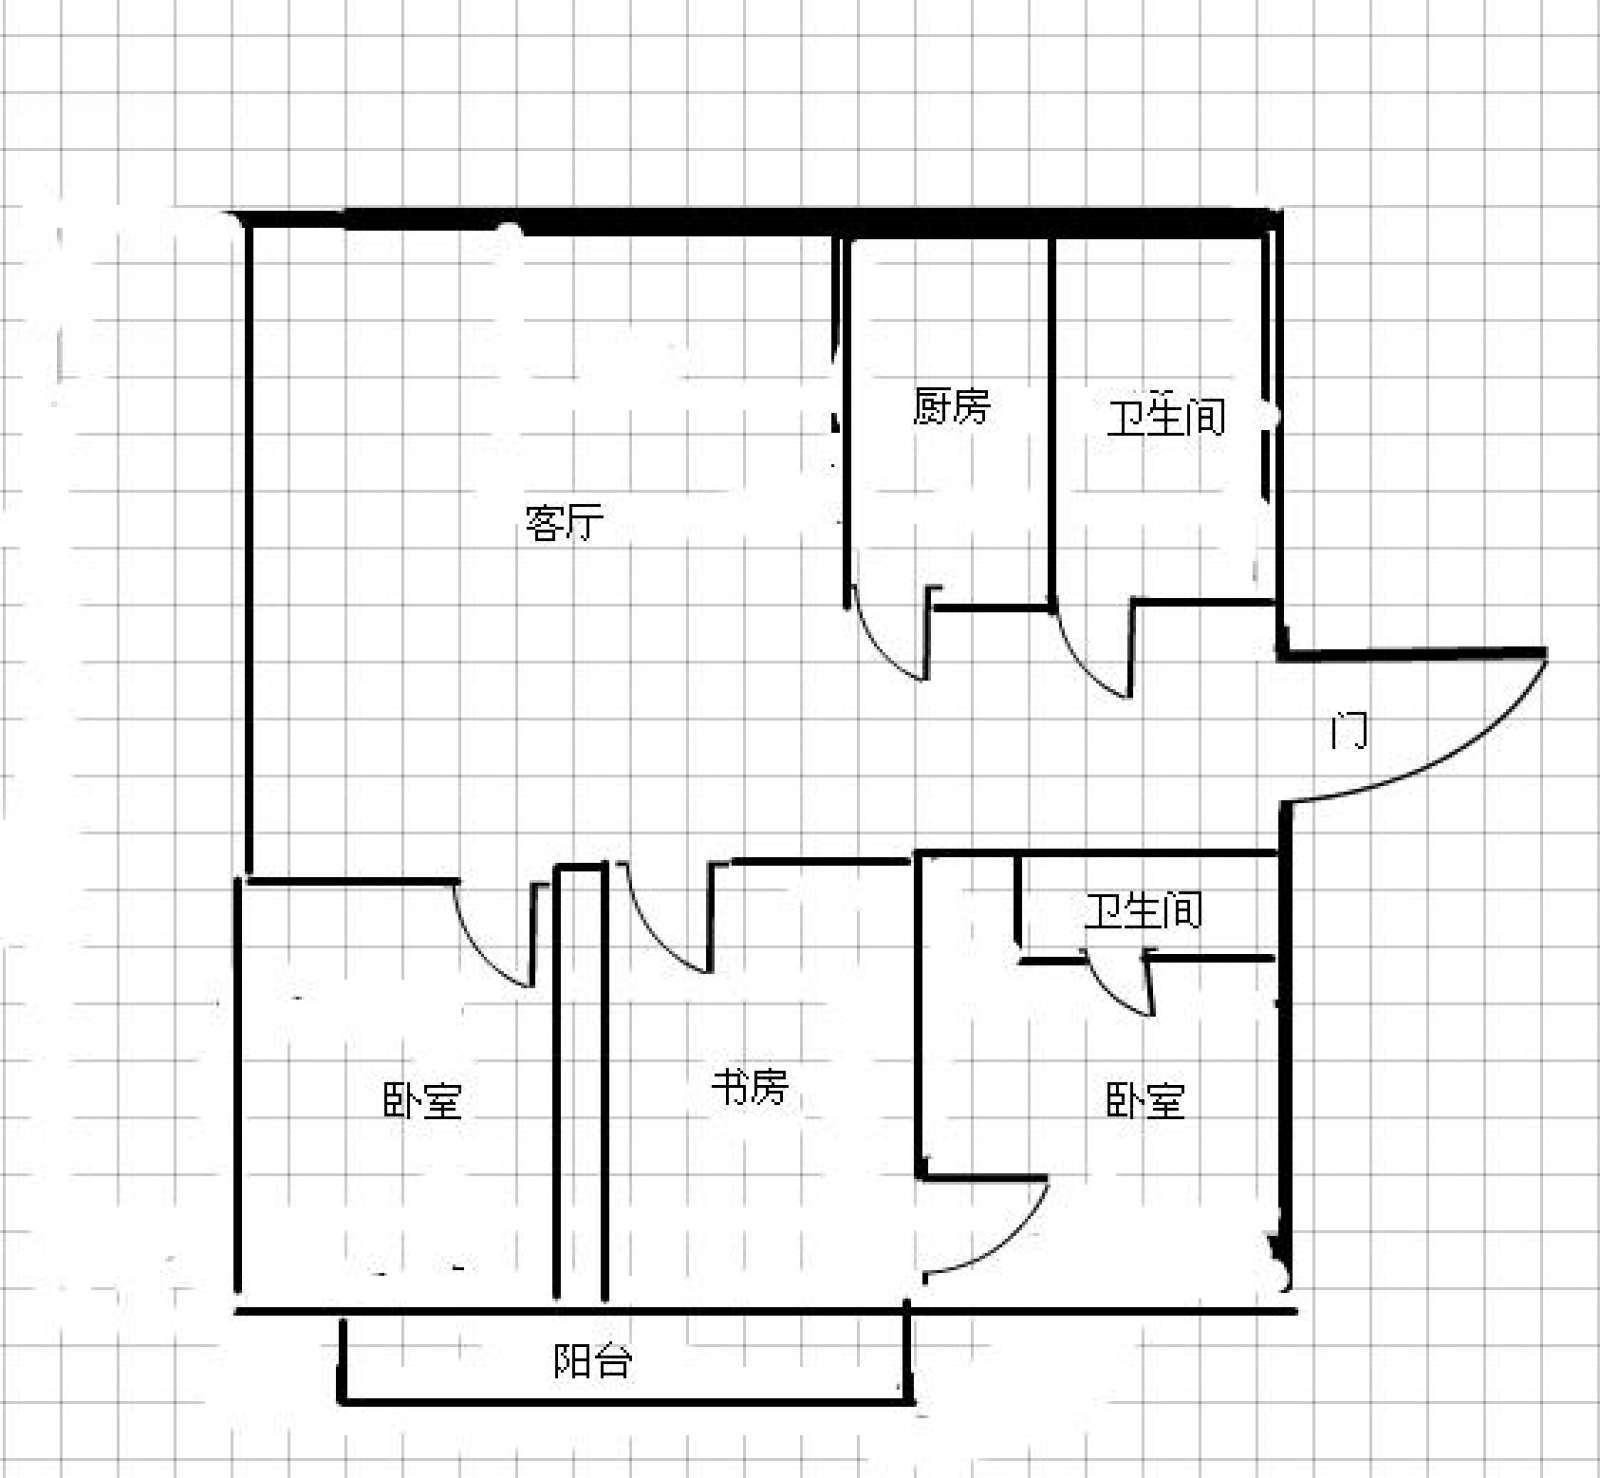 裕民小区 2室2厅145㎡